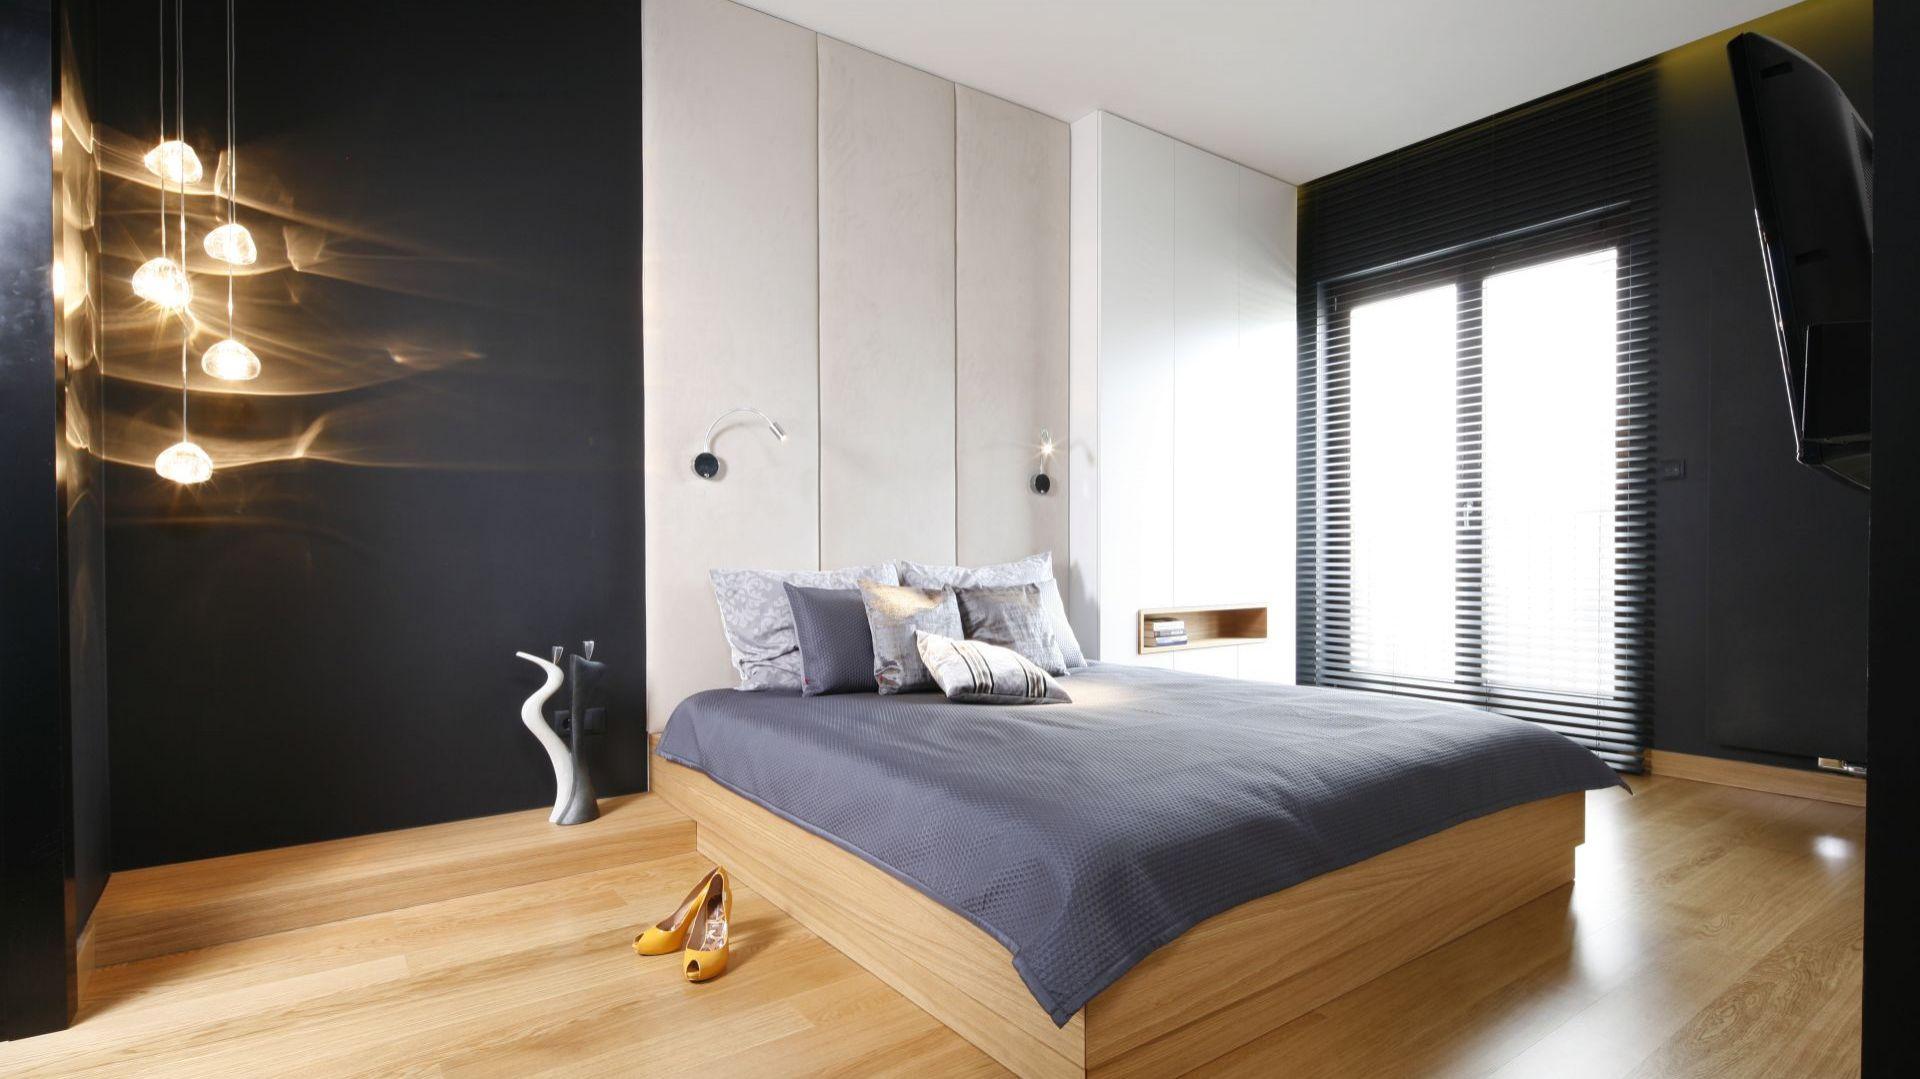 Czarne barwy w sypialni sprawią, że aranżacja nabierze głębi. Projekt: Monika i Adam Bronikowscy. Fot. Bartosz Jarosz